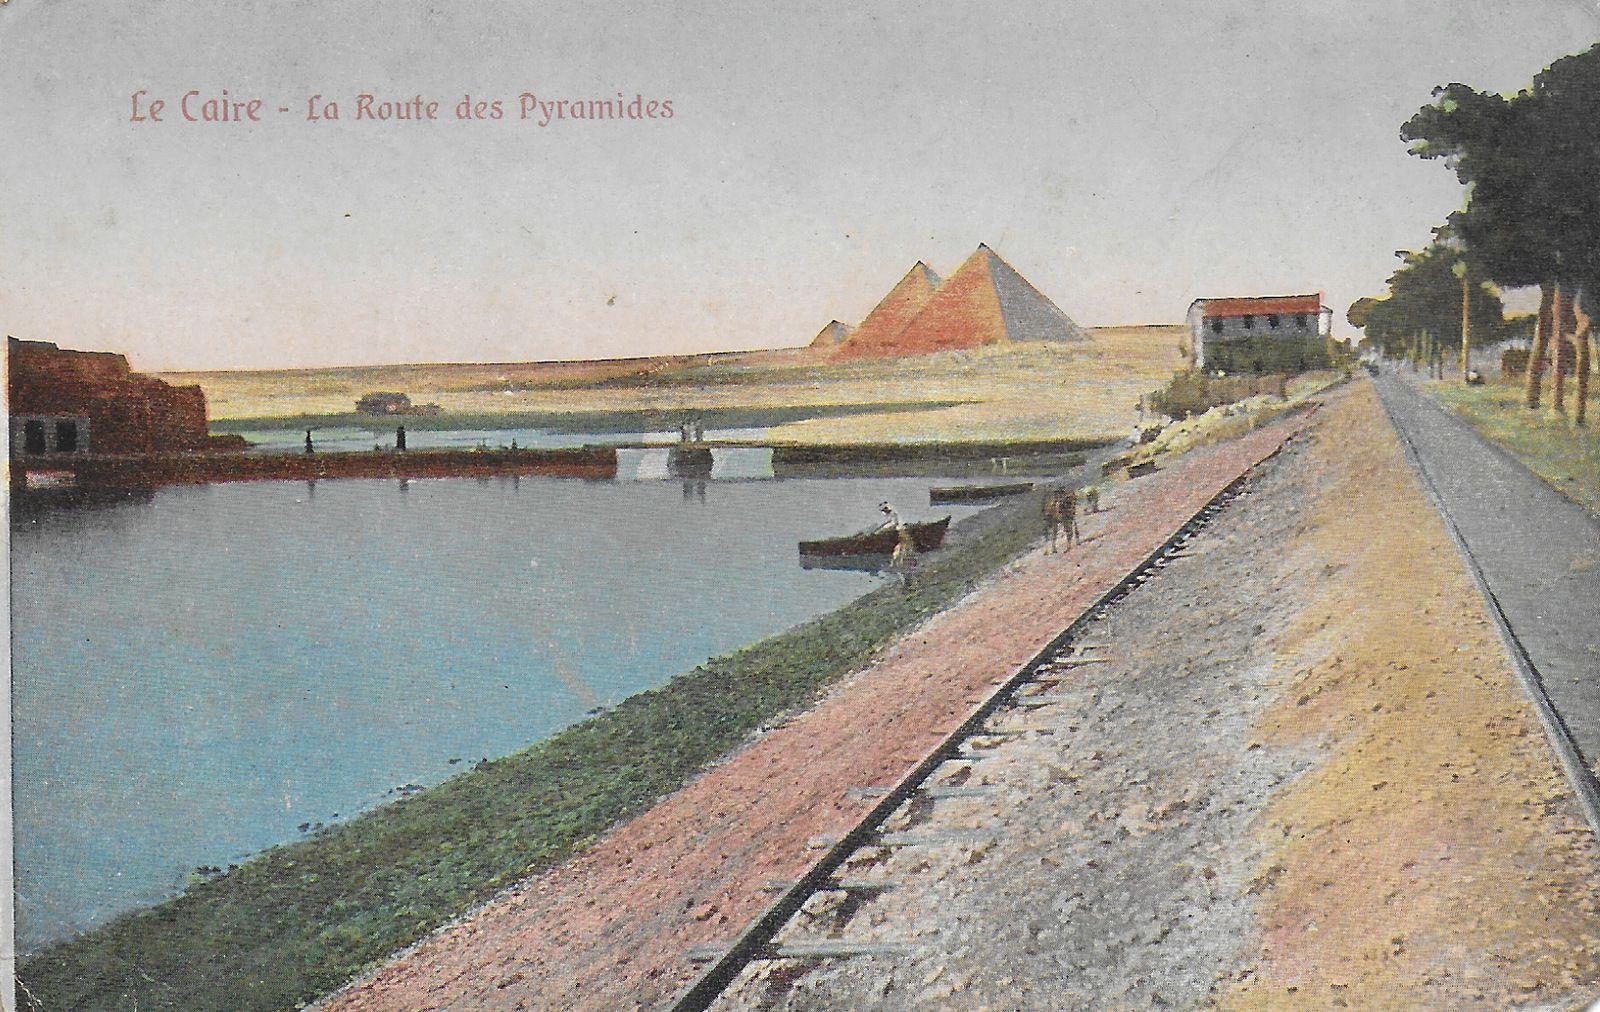 Carte postale du début du XXéme siècle.